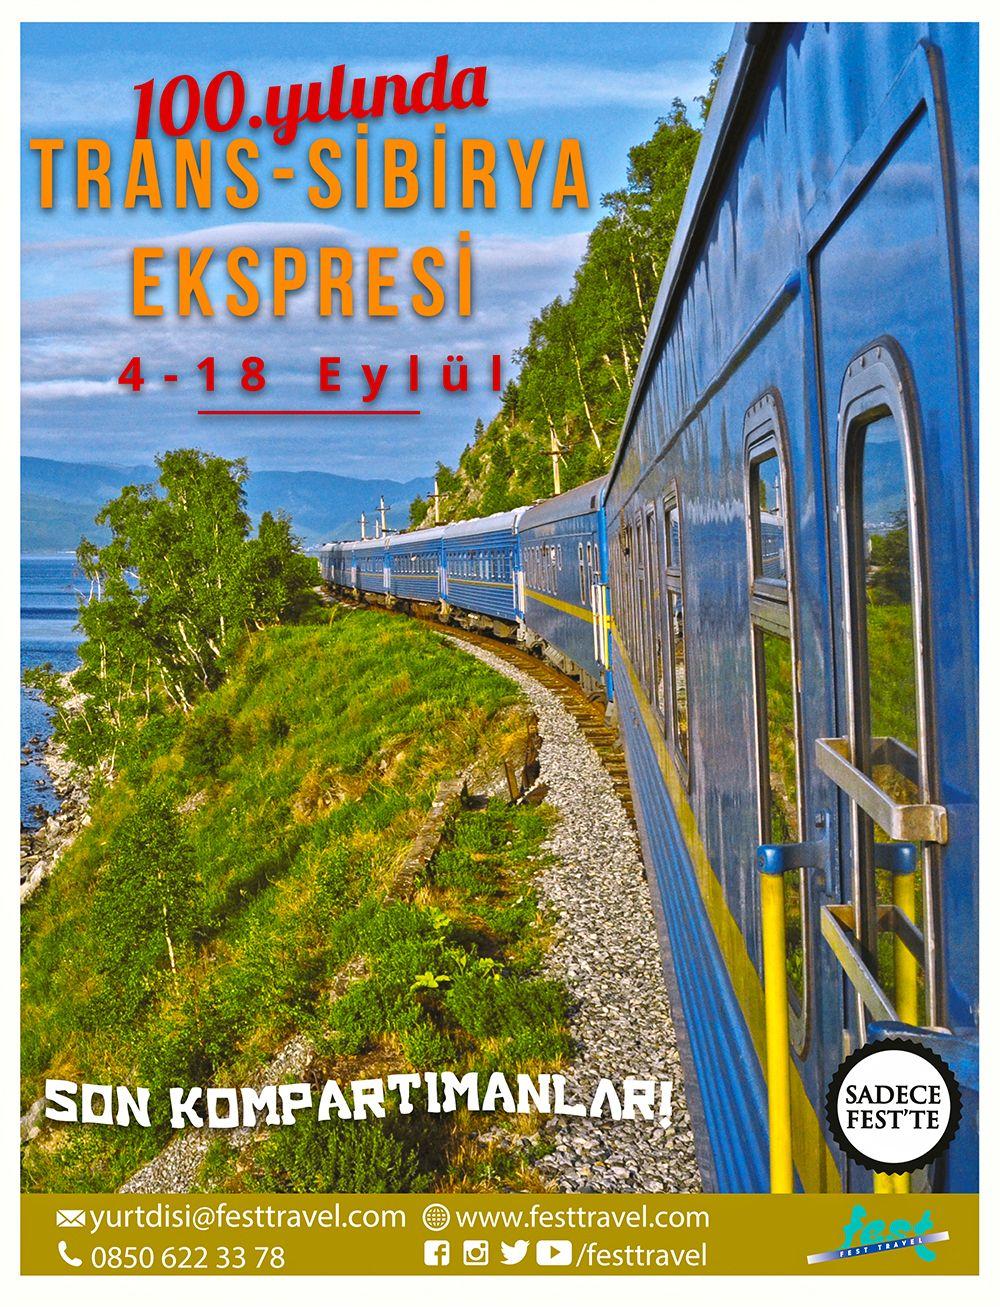 Efsane Rota 100. Yılında: Trans-Sibirya Ekspresi'nde Son Kompartımanlar!